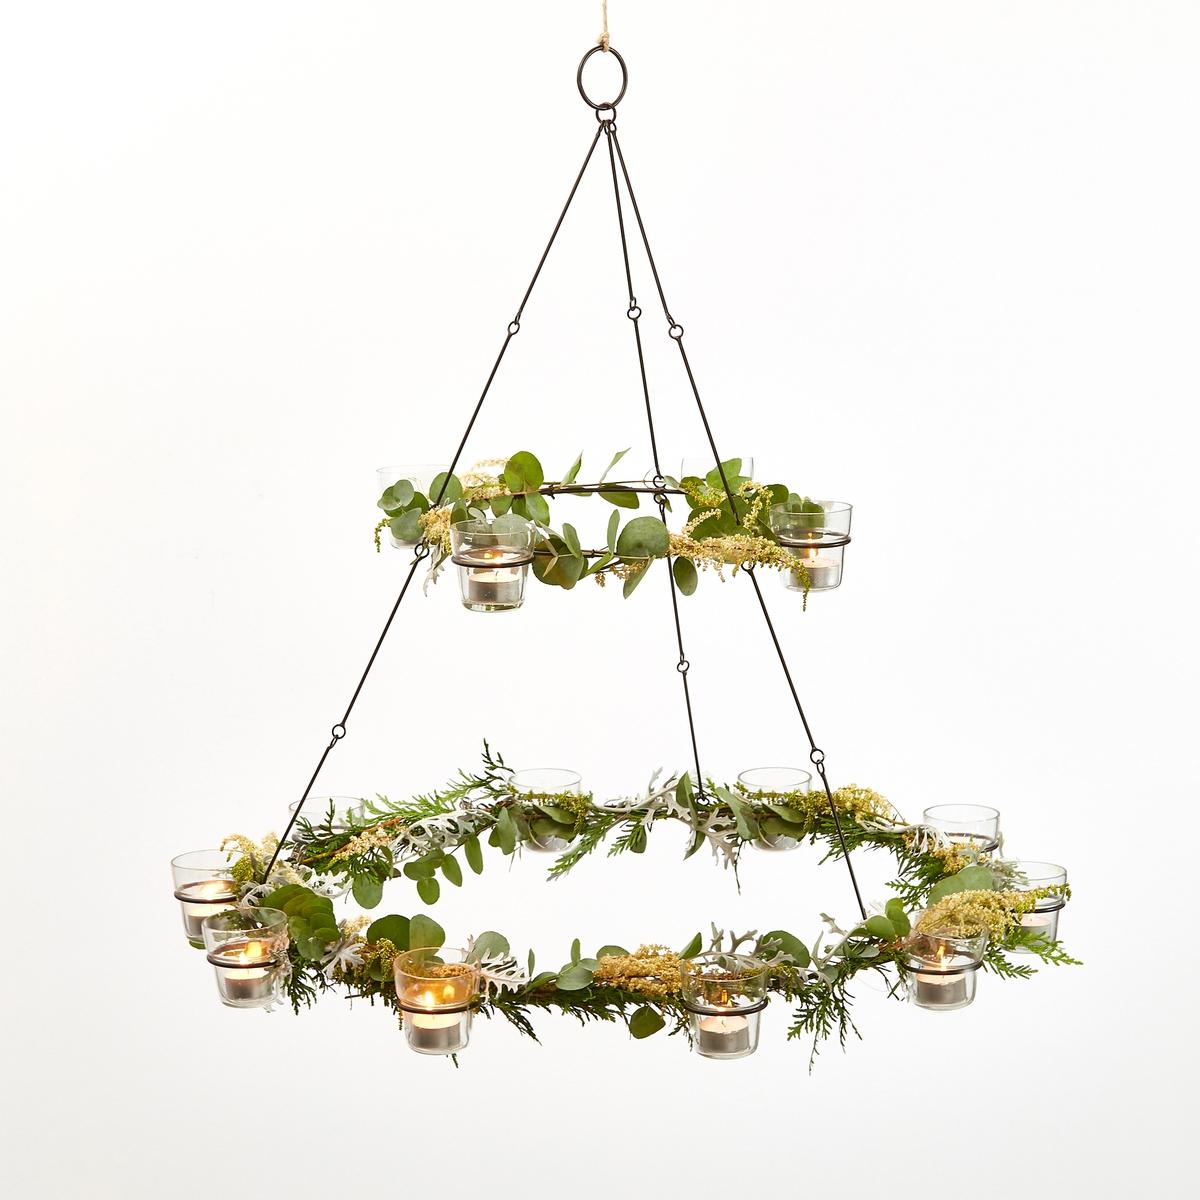 Лампа подвесная ZayanneОписание:Лампа Zayanne. Прекрасно украсит ваш сад или дом  .14 греющих свечей, размещенные в стеклянных стаканчиках будут распространять красивый рассеянный свет. Каркас из металла. Крепление к потолку (саморезы и дюбели не входят). Размеры : ? макс. 75 x H71 см .<br><br>Цвет: металл